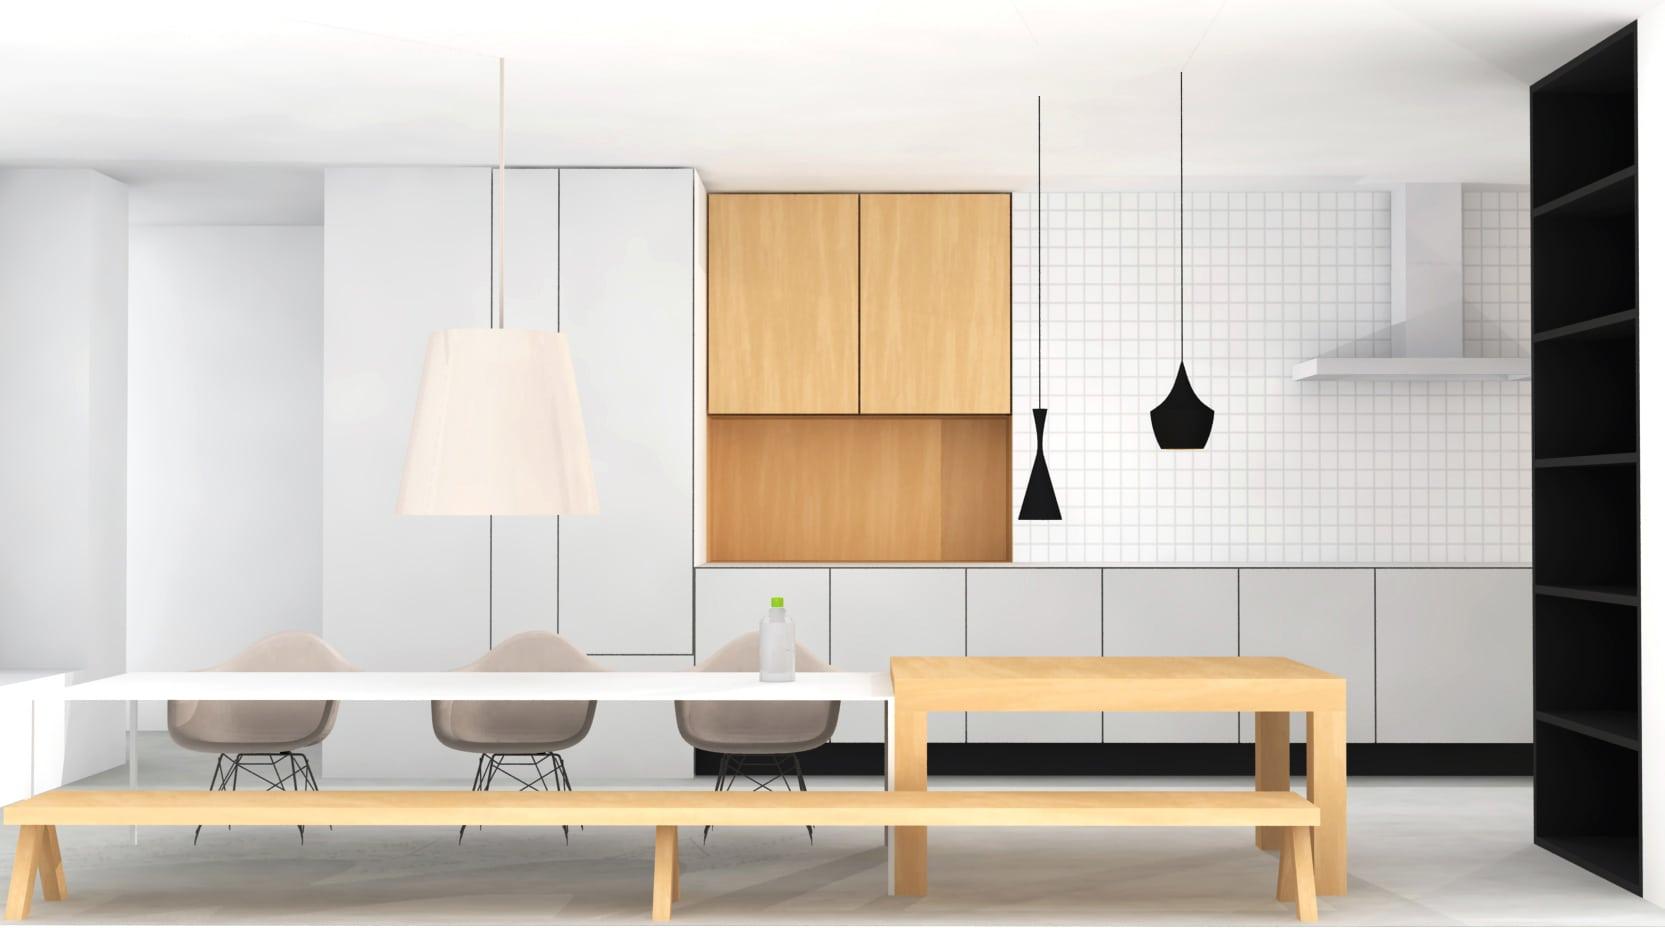 Ontwerp woonkeuken met witte tegelwand en houten sfeervolle elementen